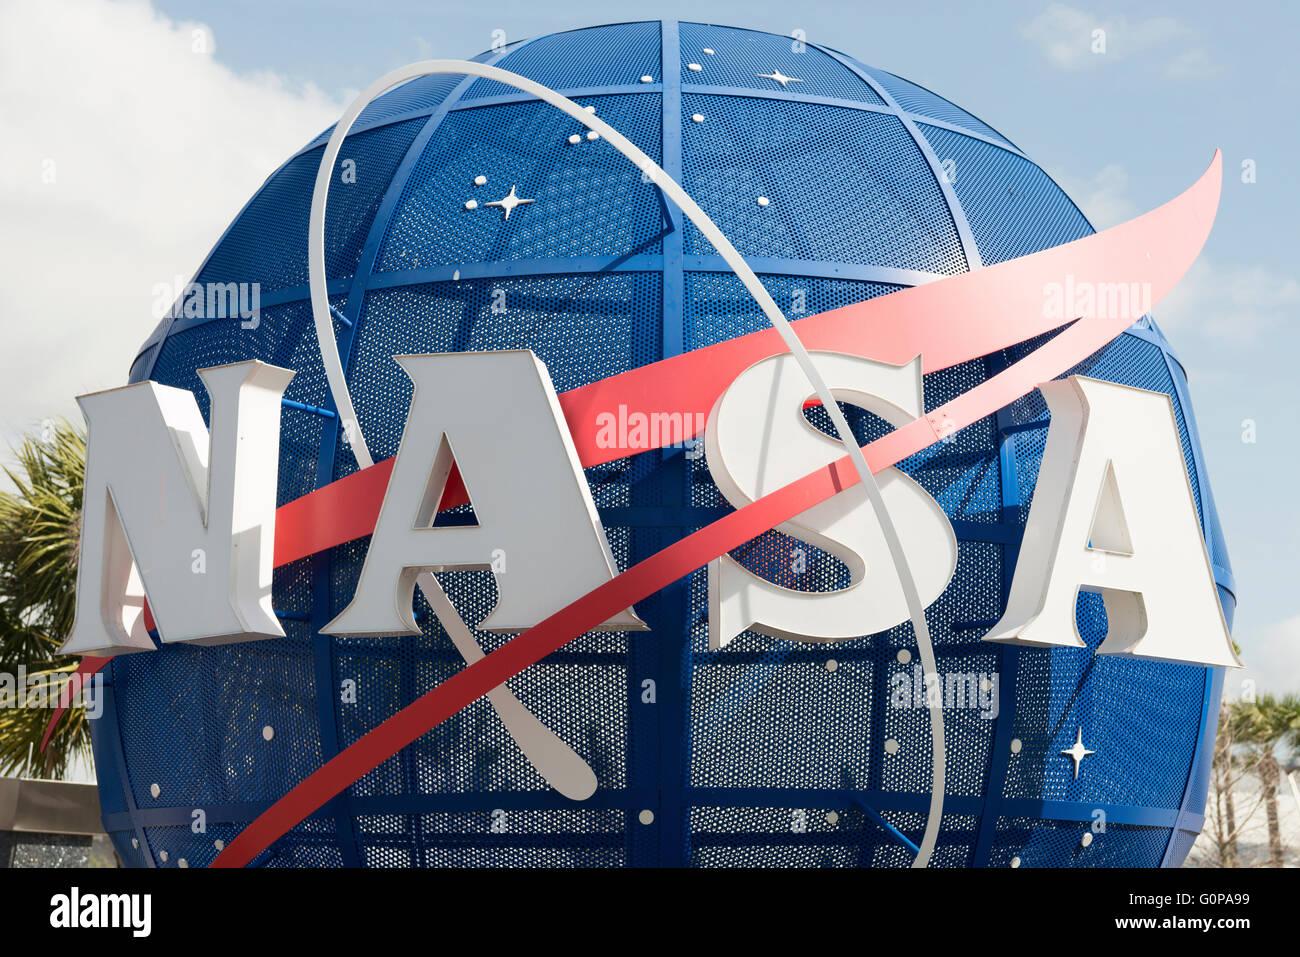 NASA Kennedy Space Center Entrance - Stock Image